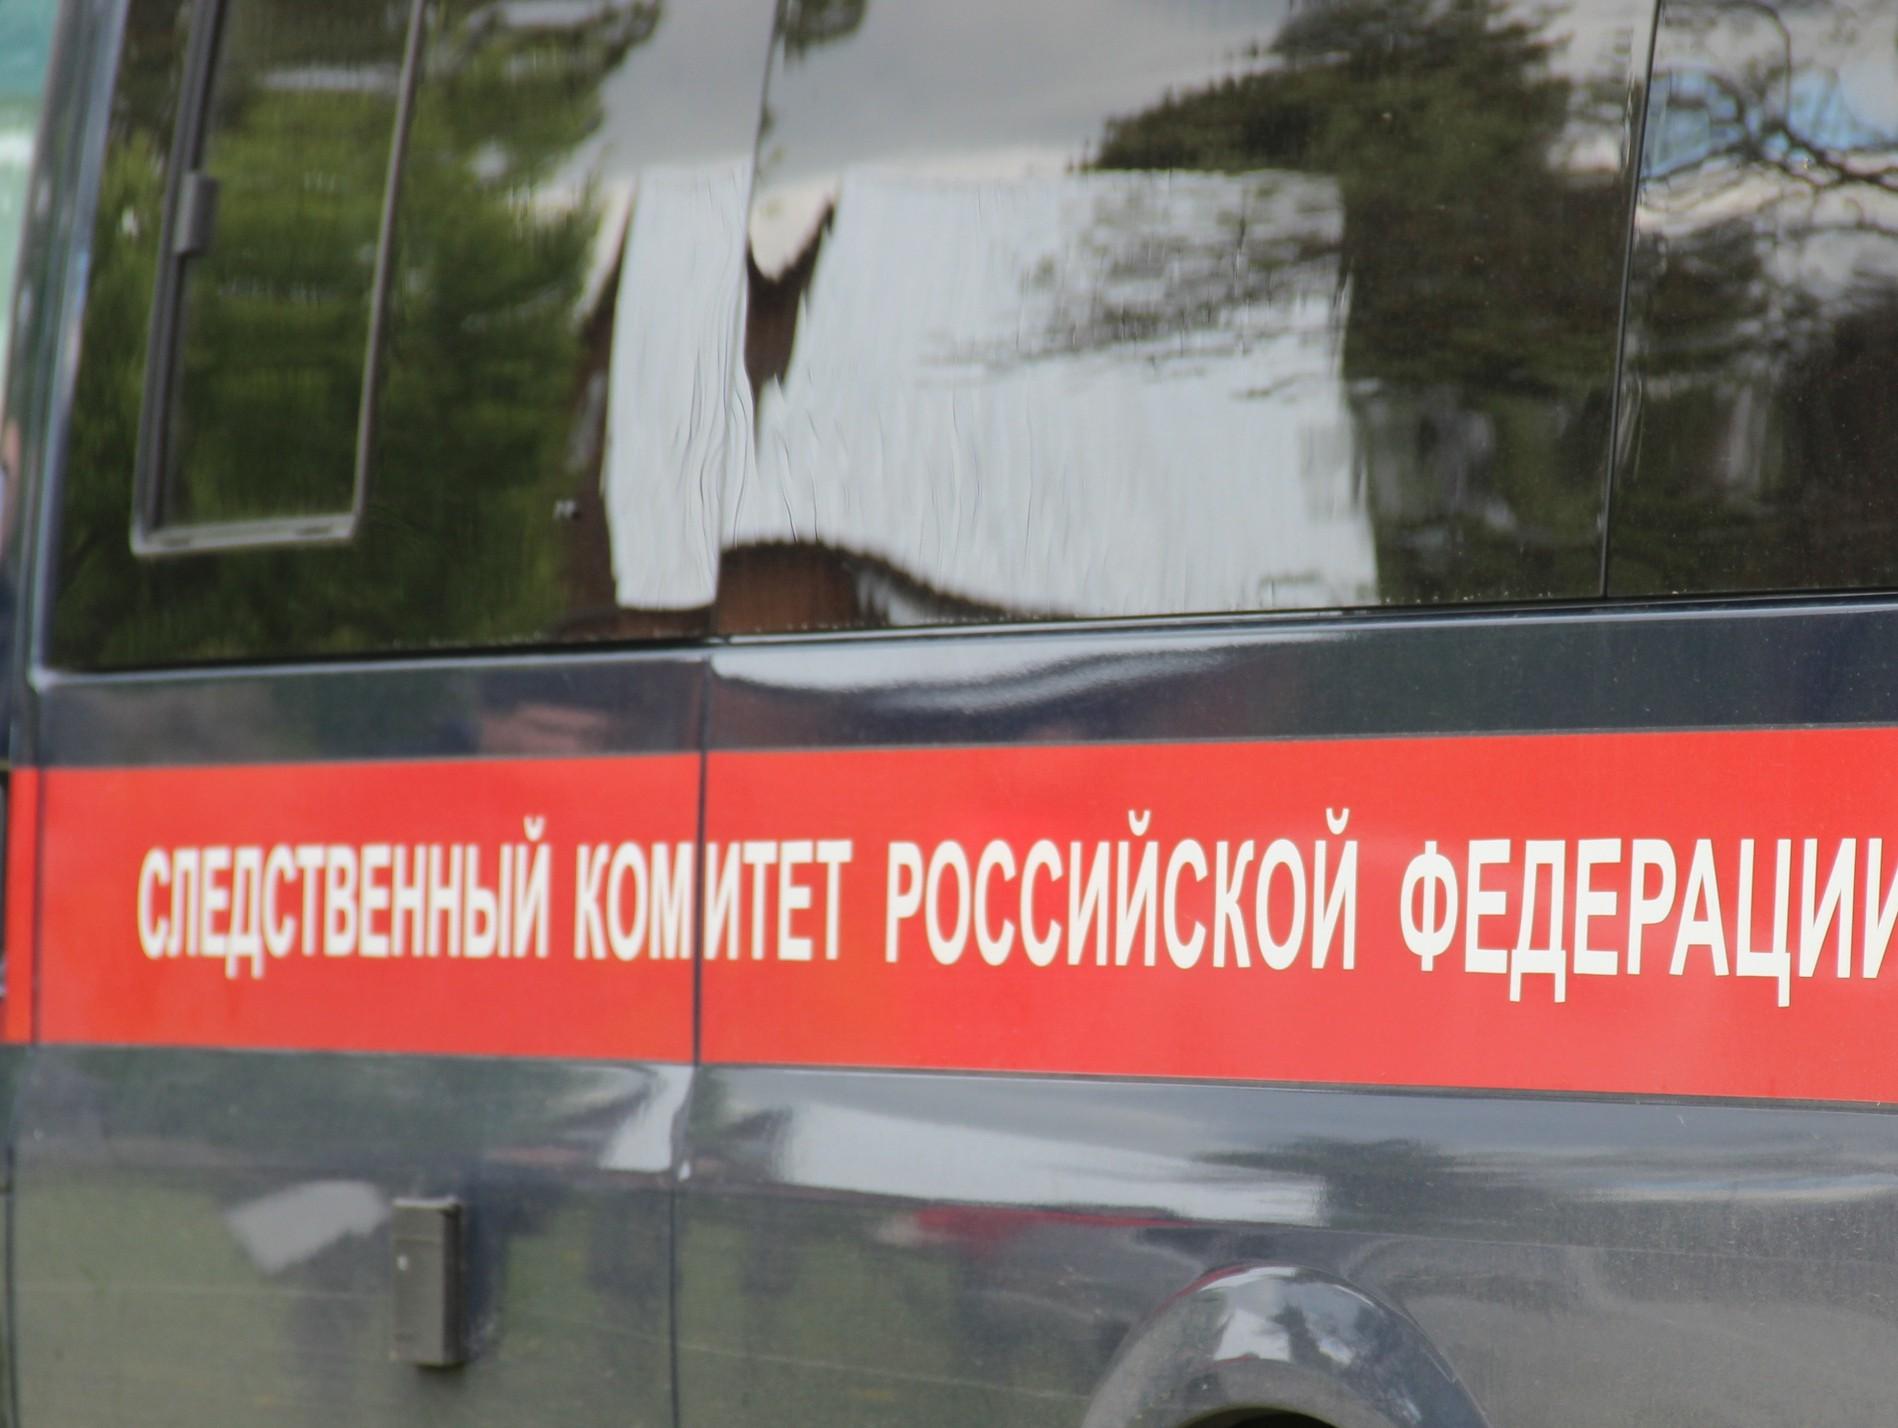 Exstazy Продажа Томск alpha-PVP карточкой Ярославль